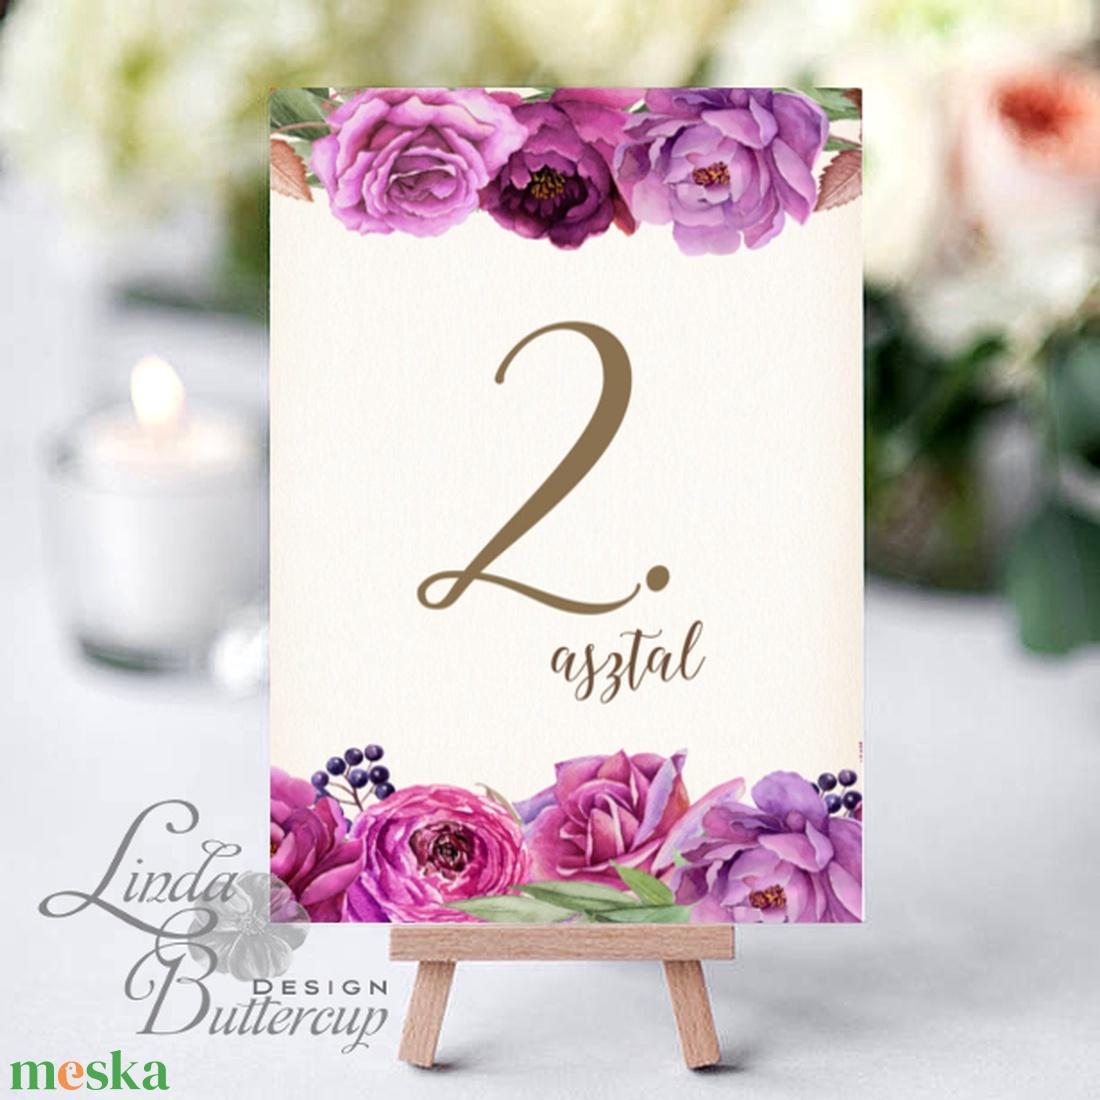 Asztalszám kártya, Ültetési rend, Dekoráció, kellék, Esküvői lap, Esküvő Dekor, Esküvői felirat, kártya, desszert (LindaButtercup) - Meska.hu